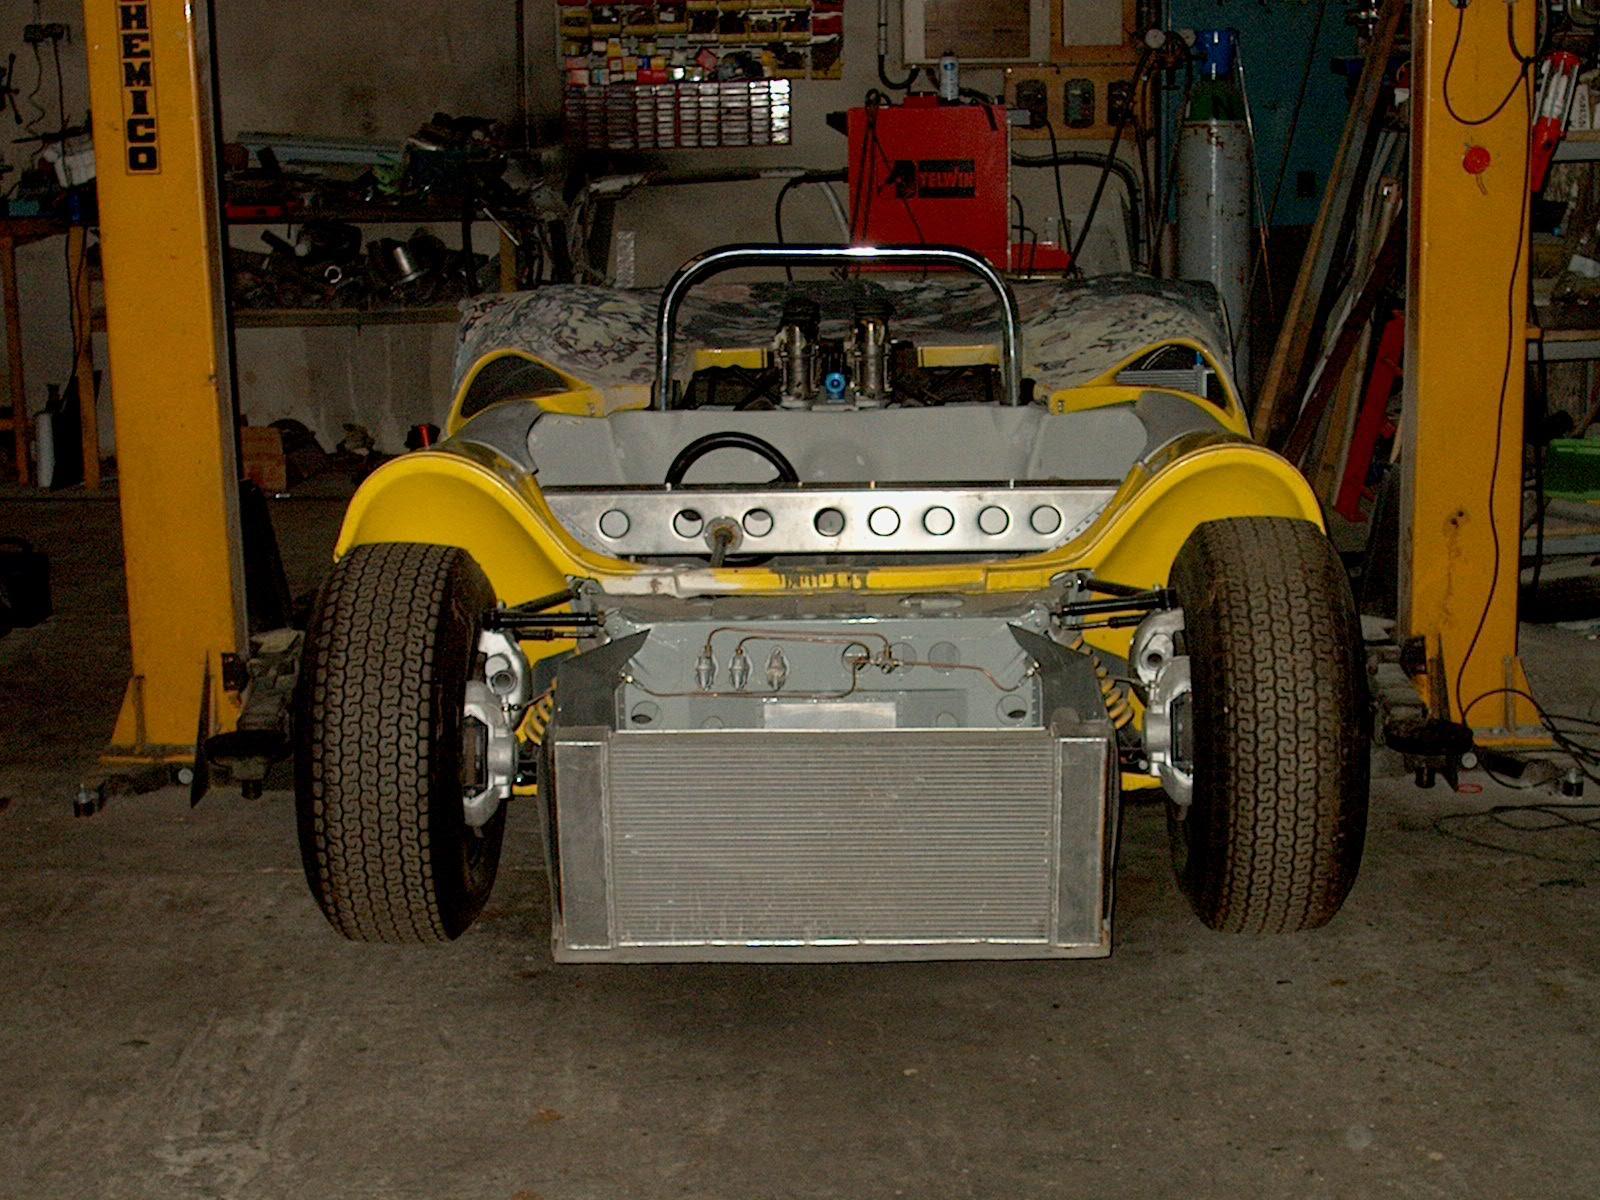 Lola T70 Mk1 #6